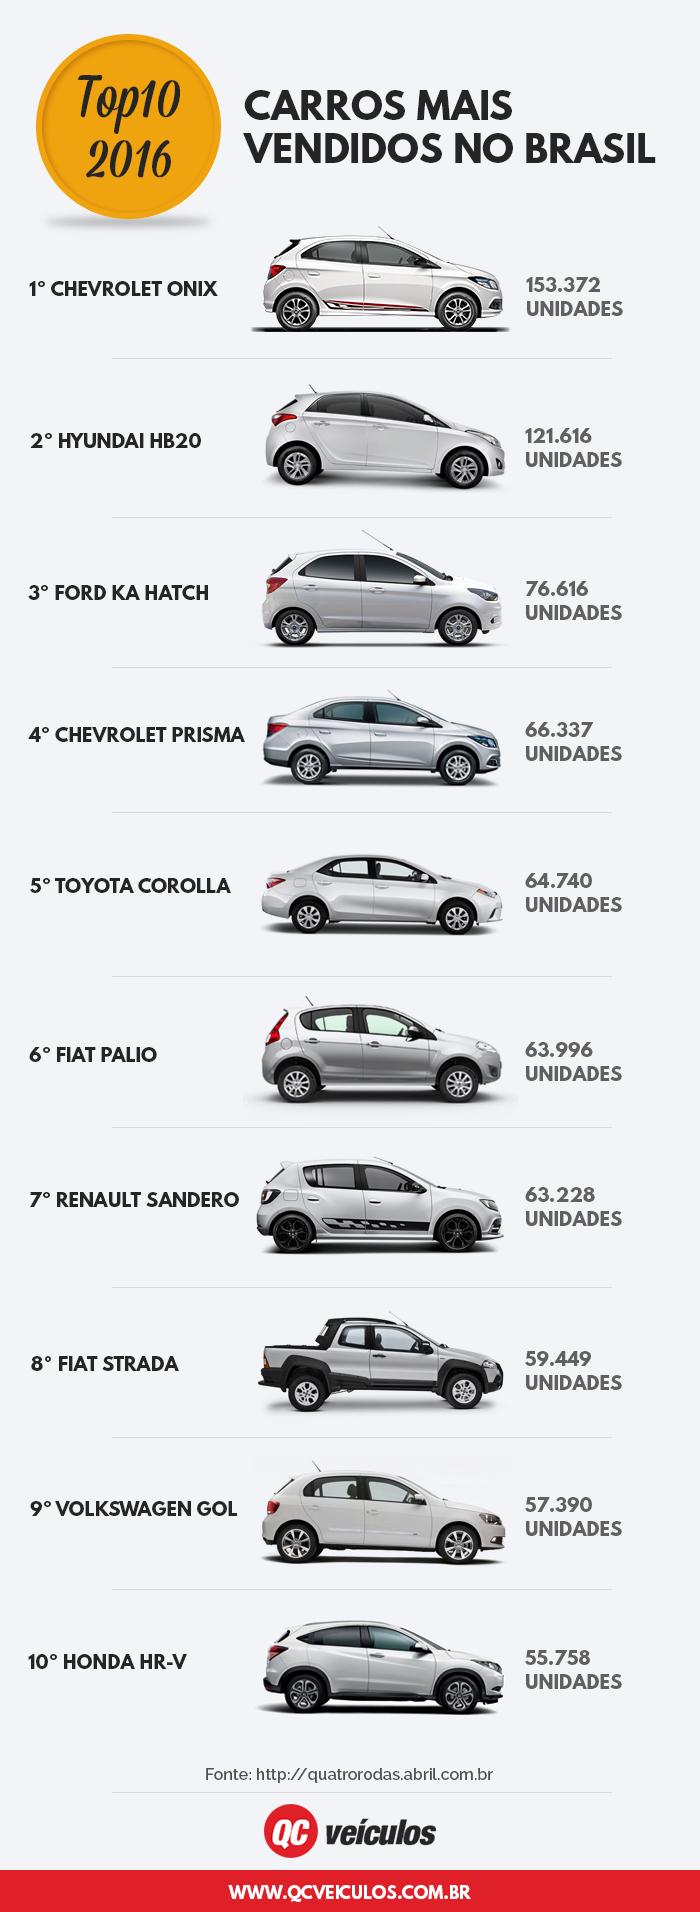 Infográfico carros mais vendidos 2016